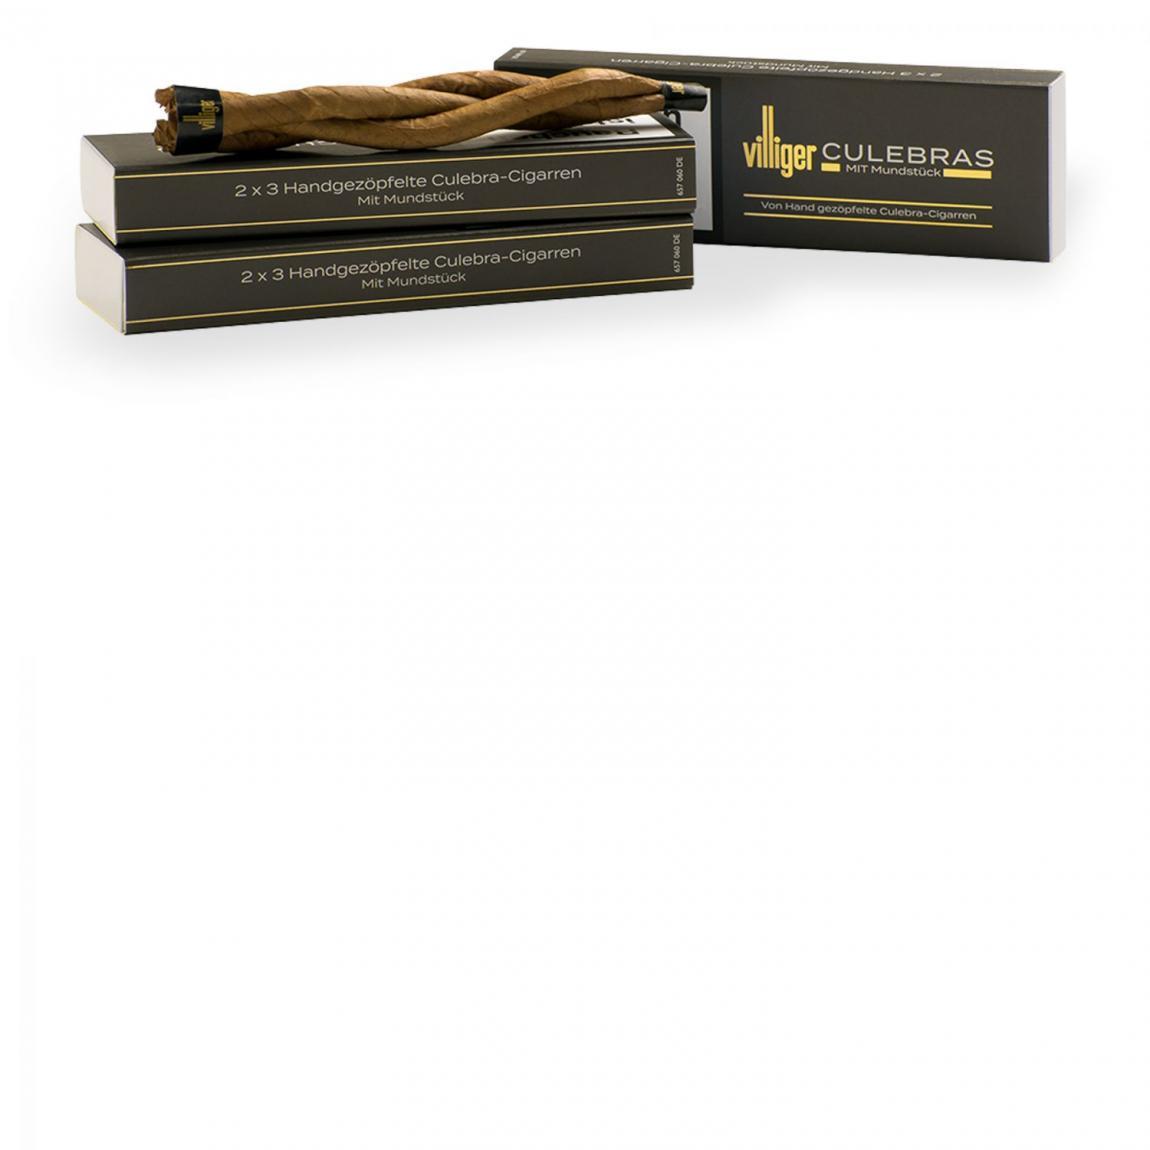 Villiger Culebras mit Mundstück, 6er Schachtel